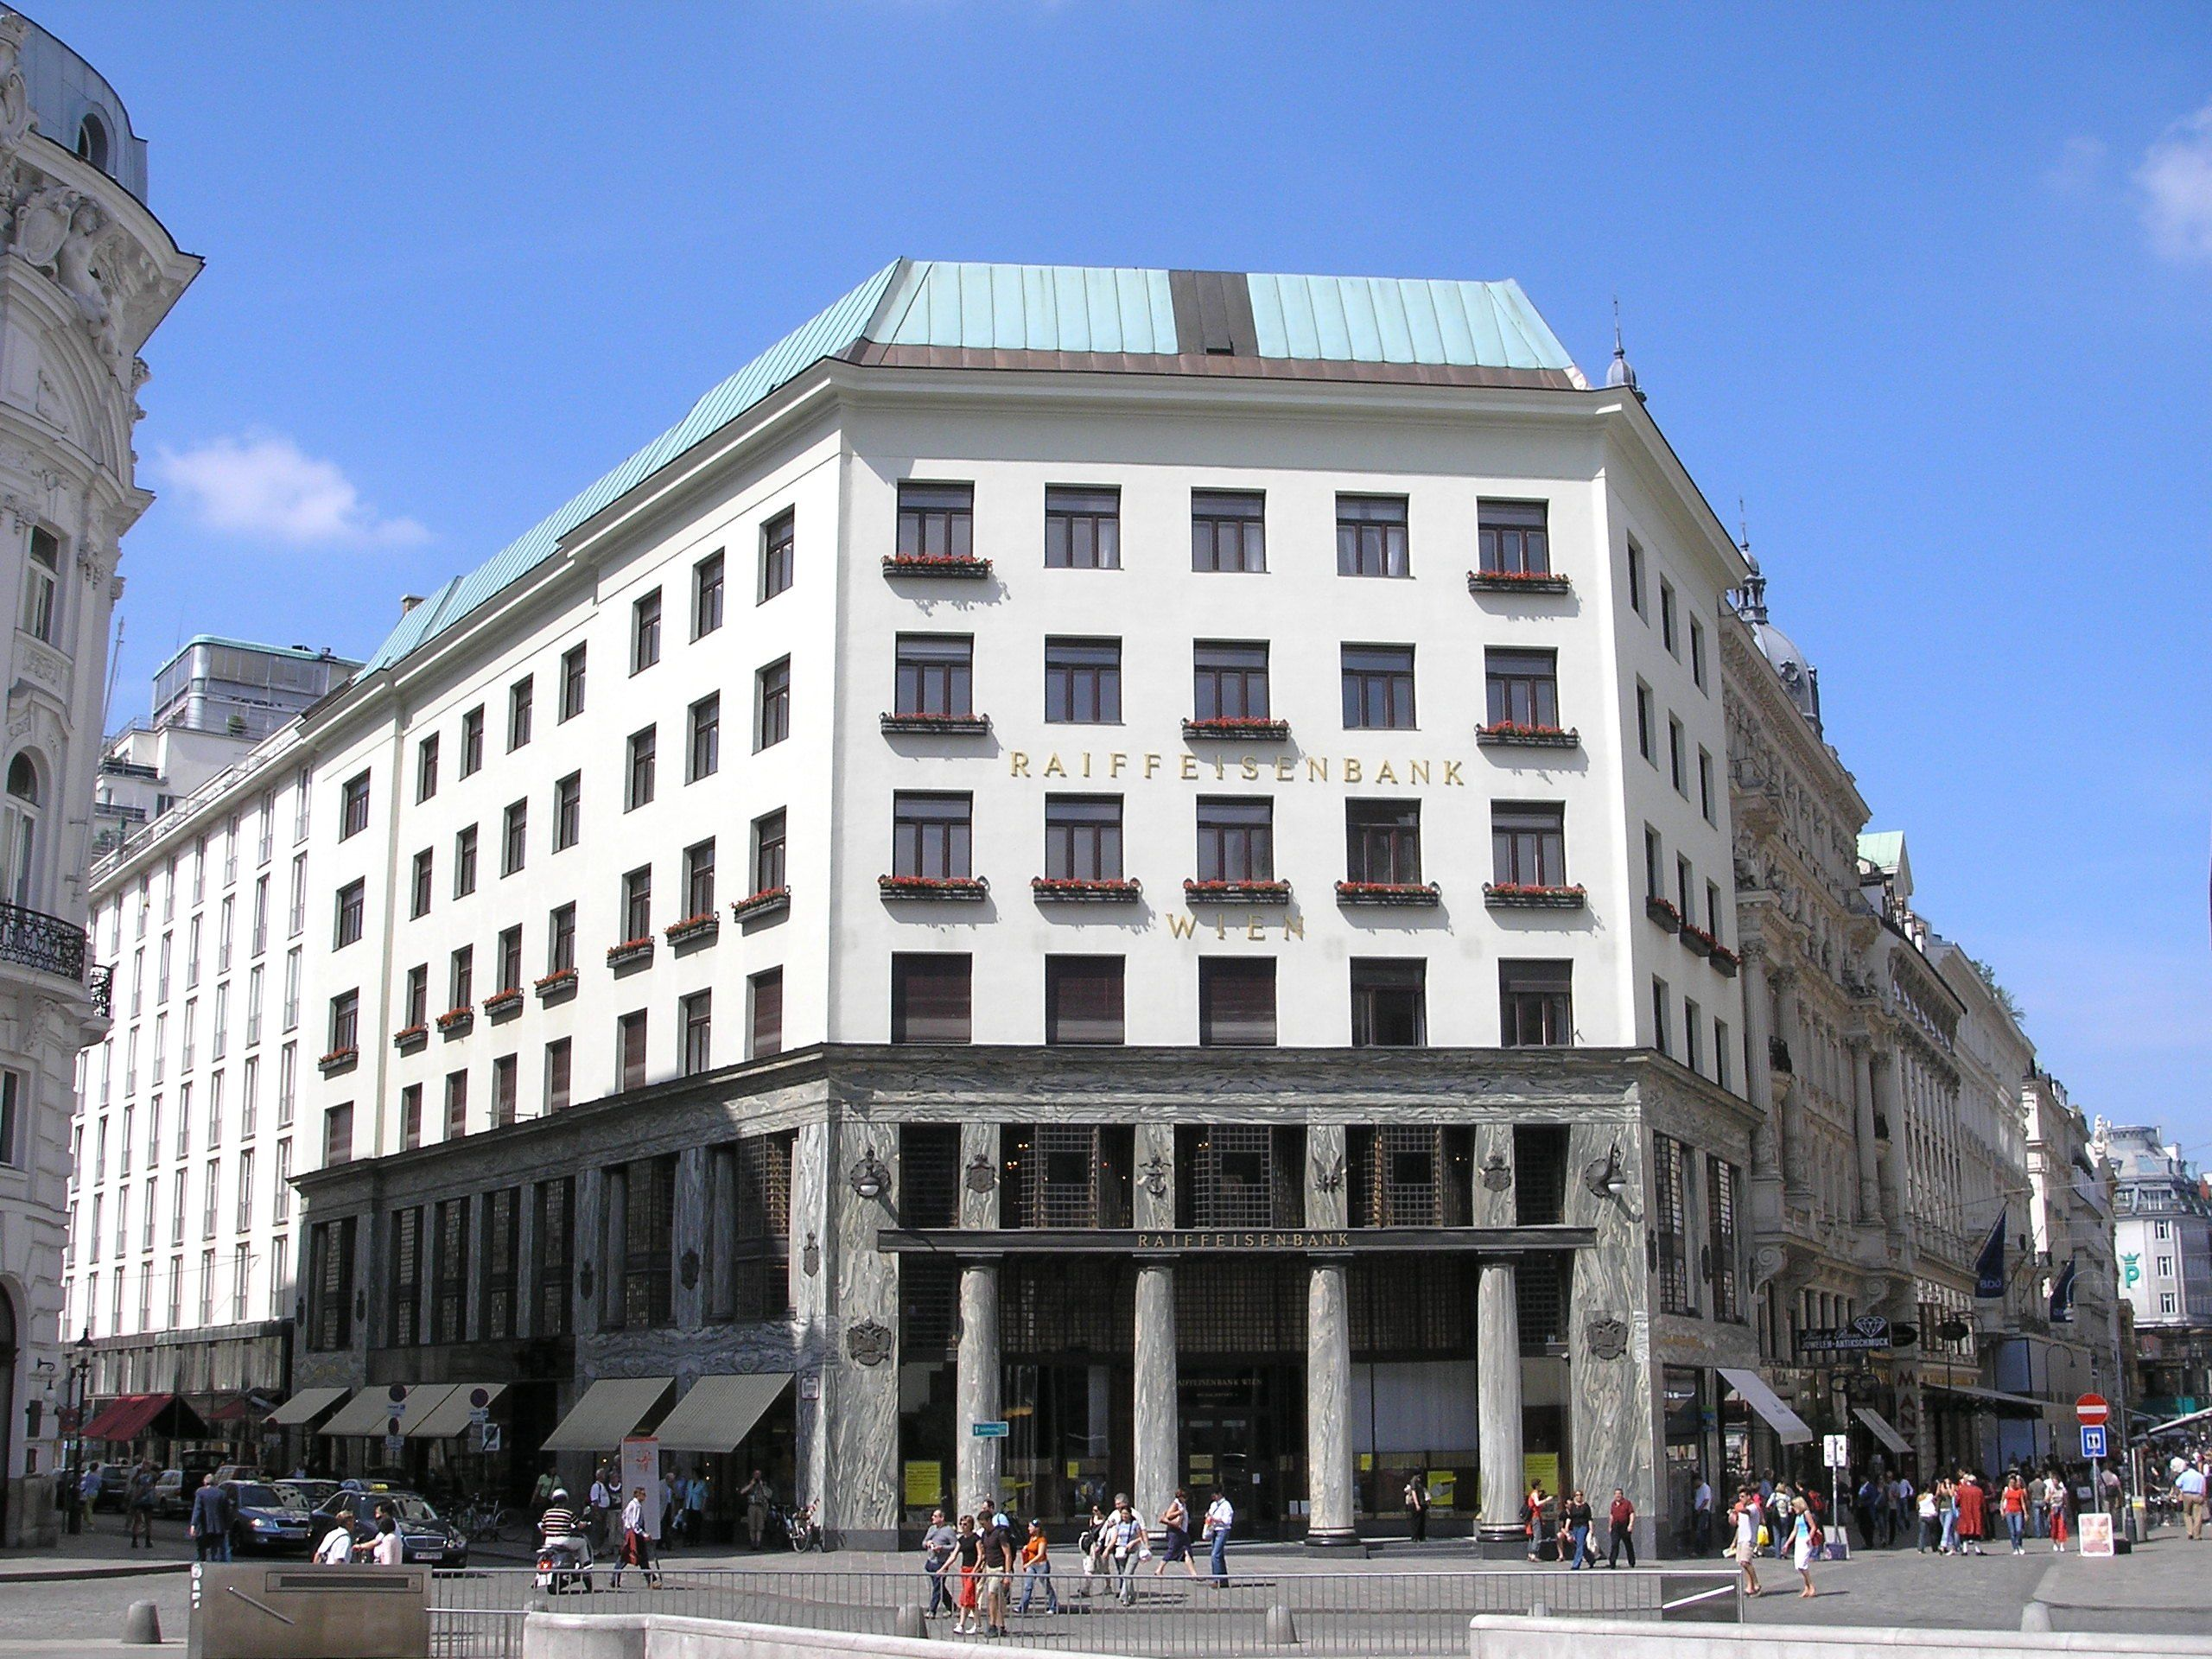 Looshaus wien must see architecture wien ber hmte geb ude und jugendstil architektur - Beruhmte architektur ...